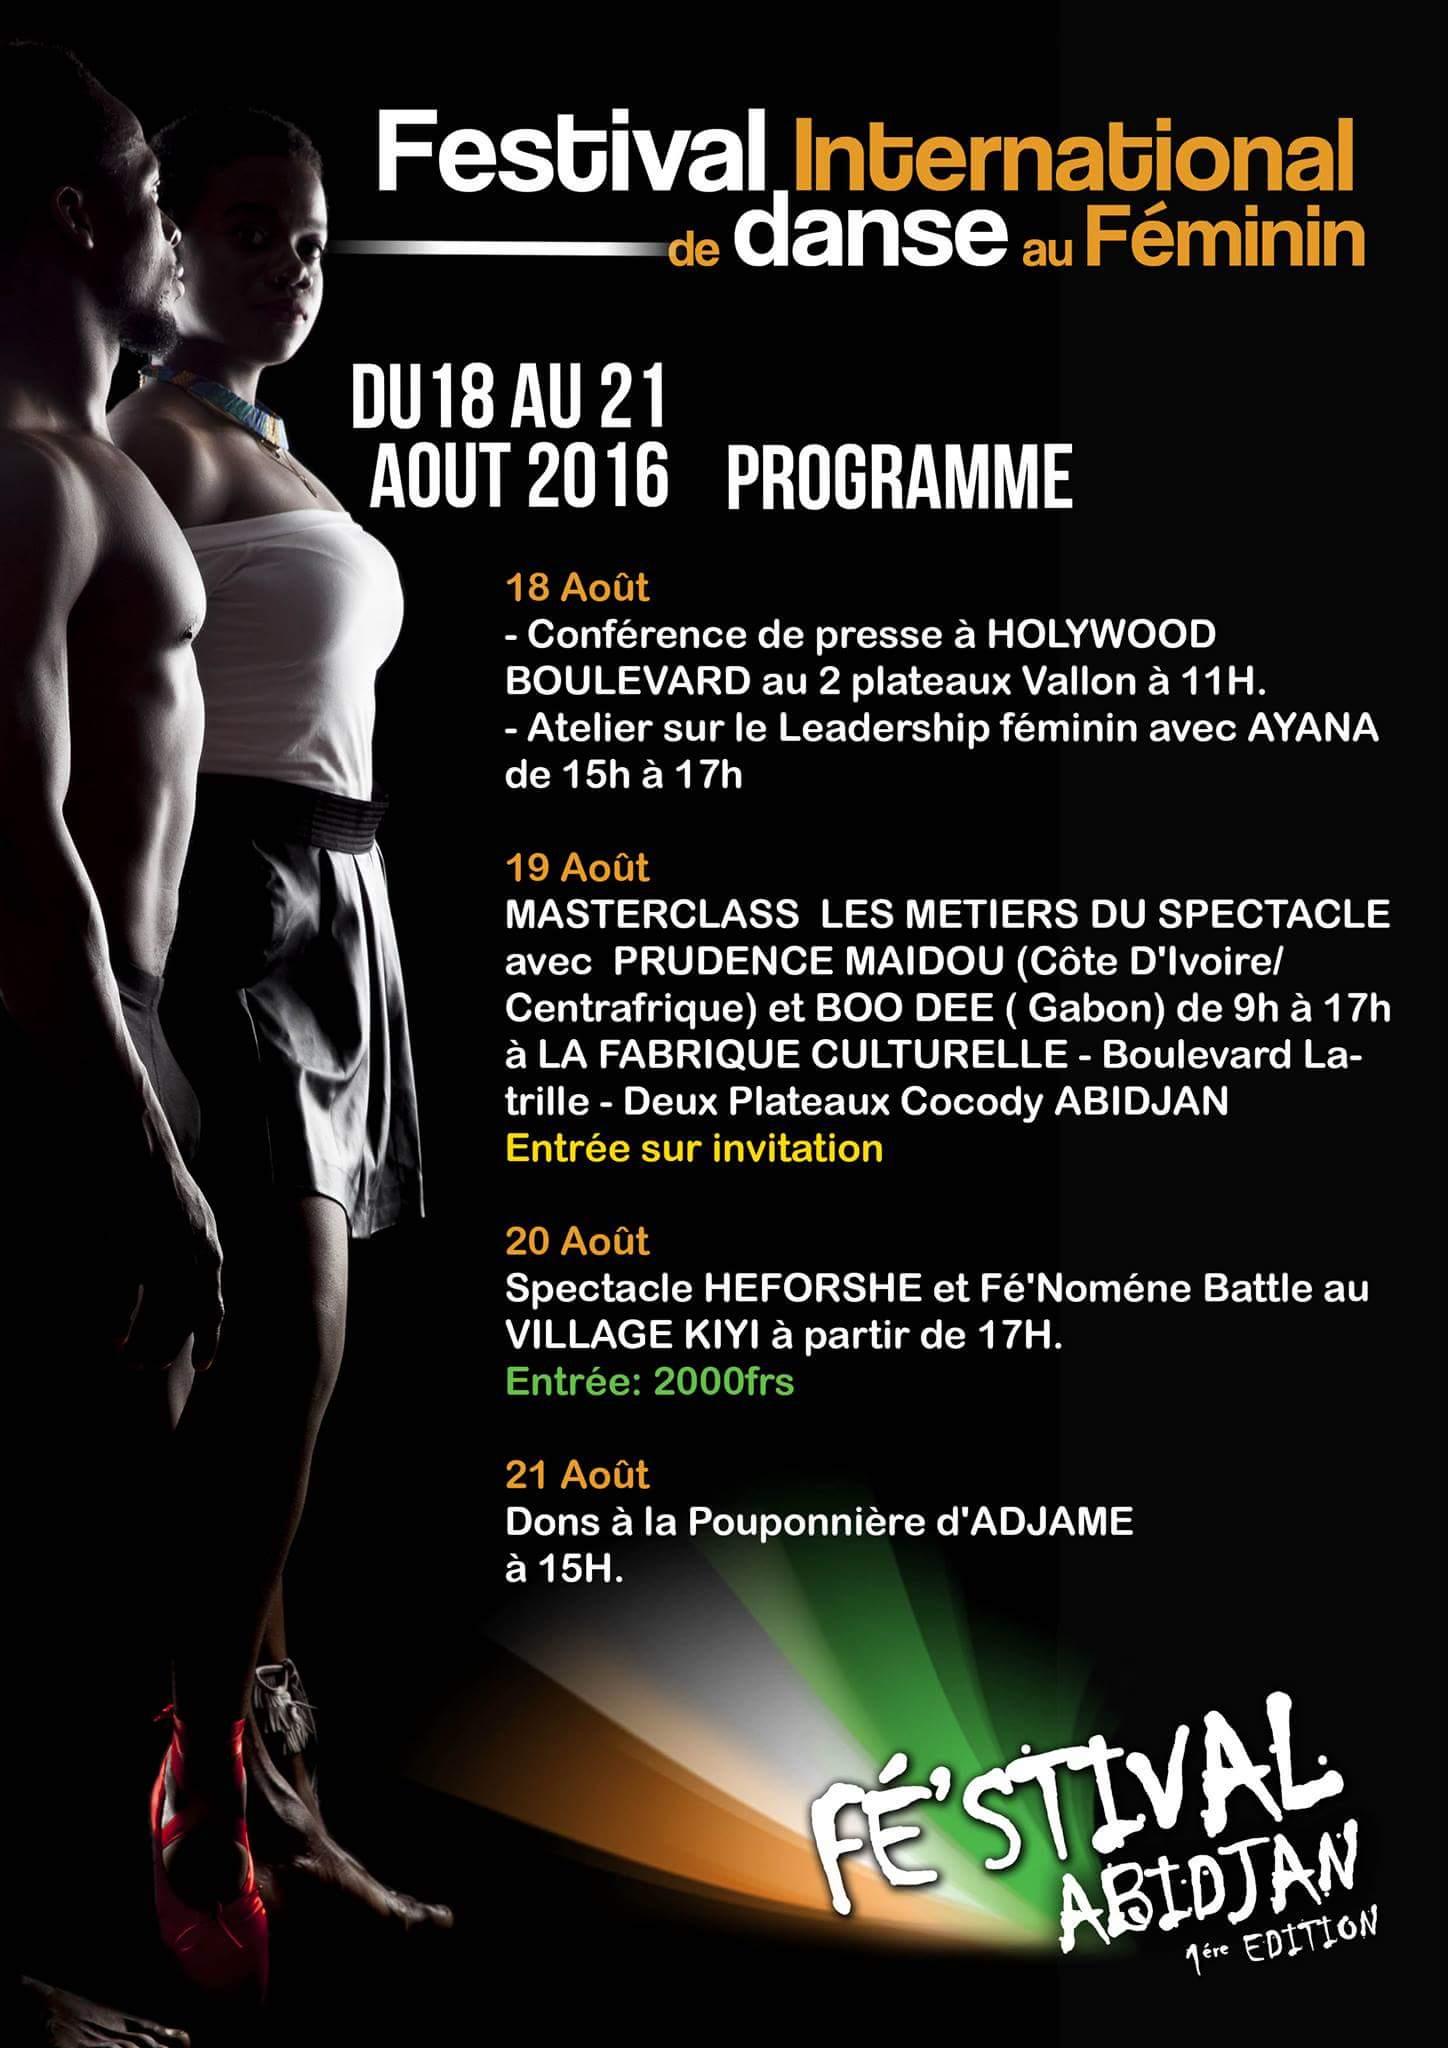 Le Festival International de Danse au Féminin se tient du 18 au 21 août 2016 à Abidjan